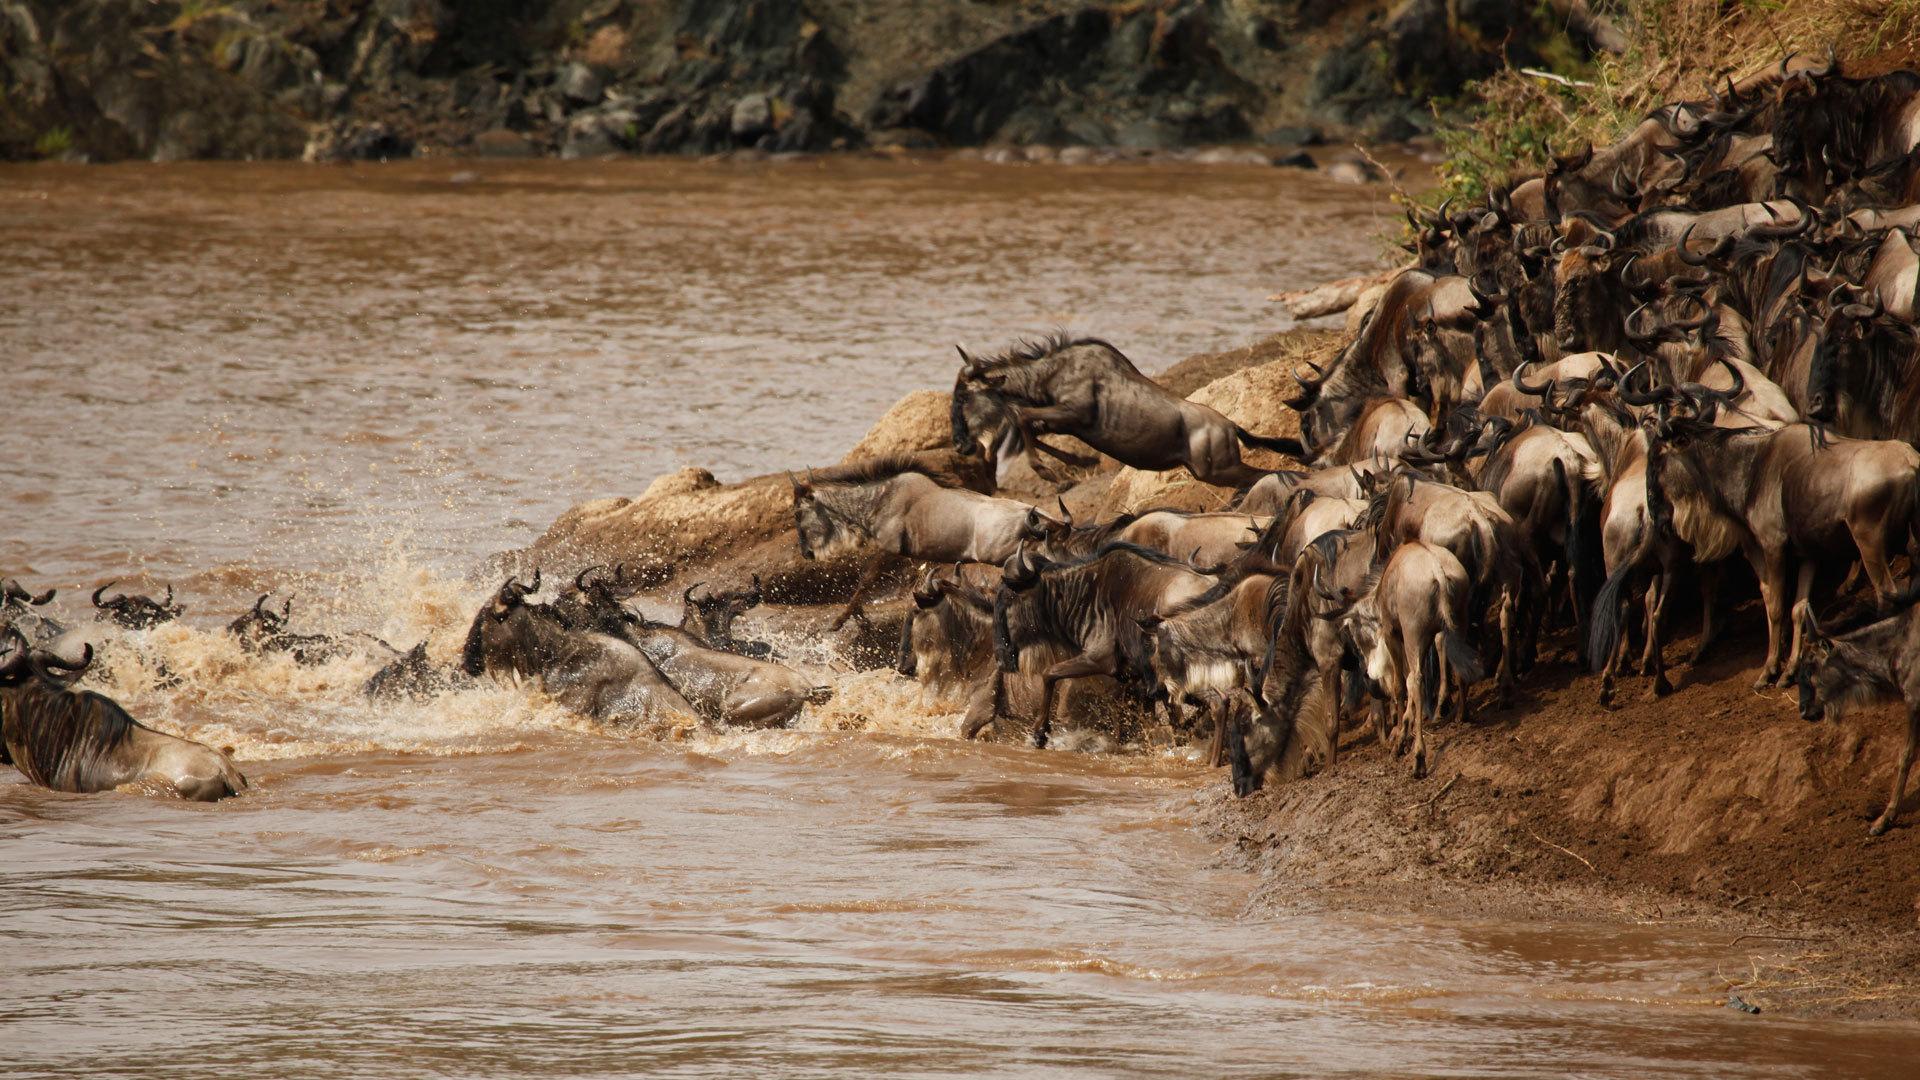 壮观的野生动物大迁徙中